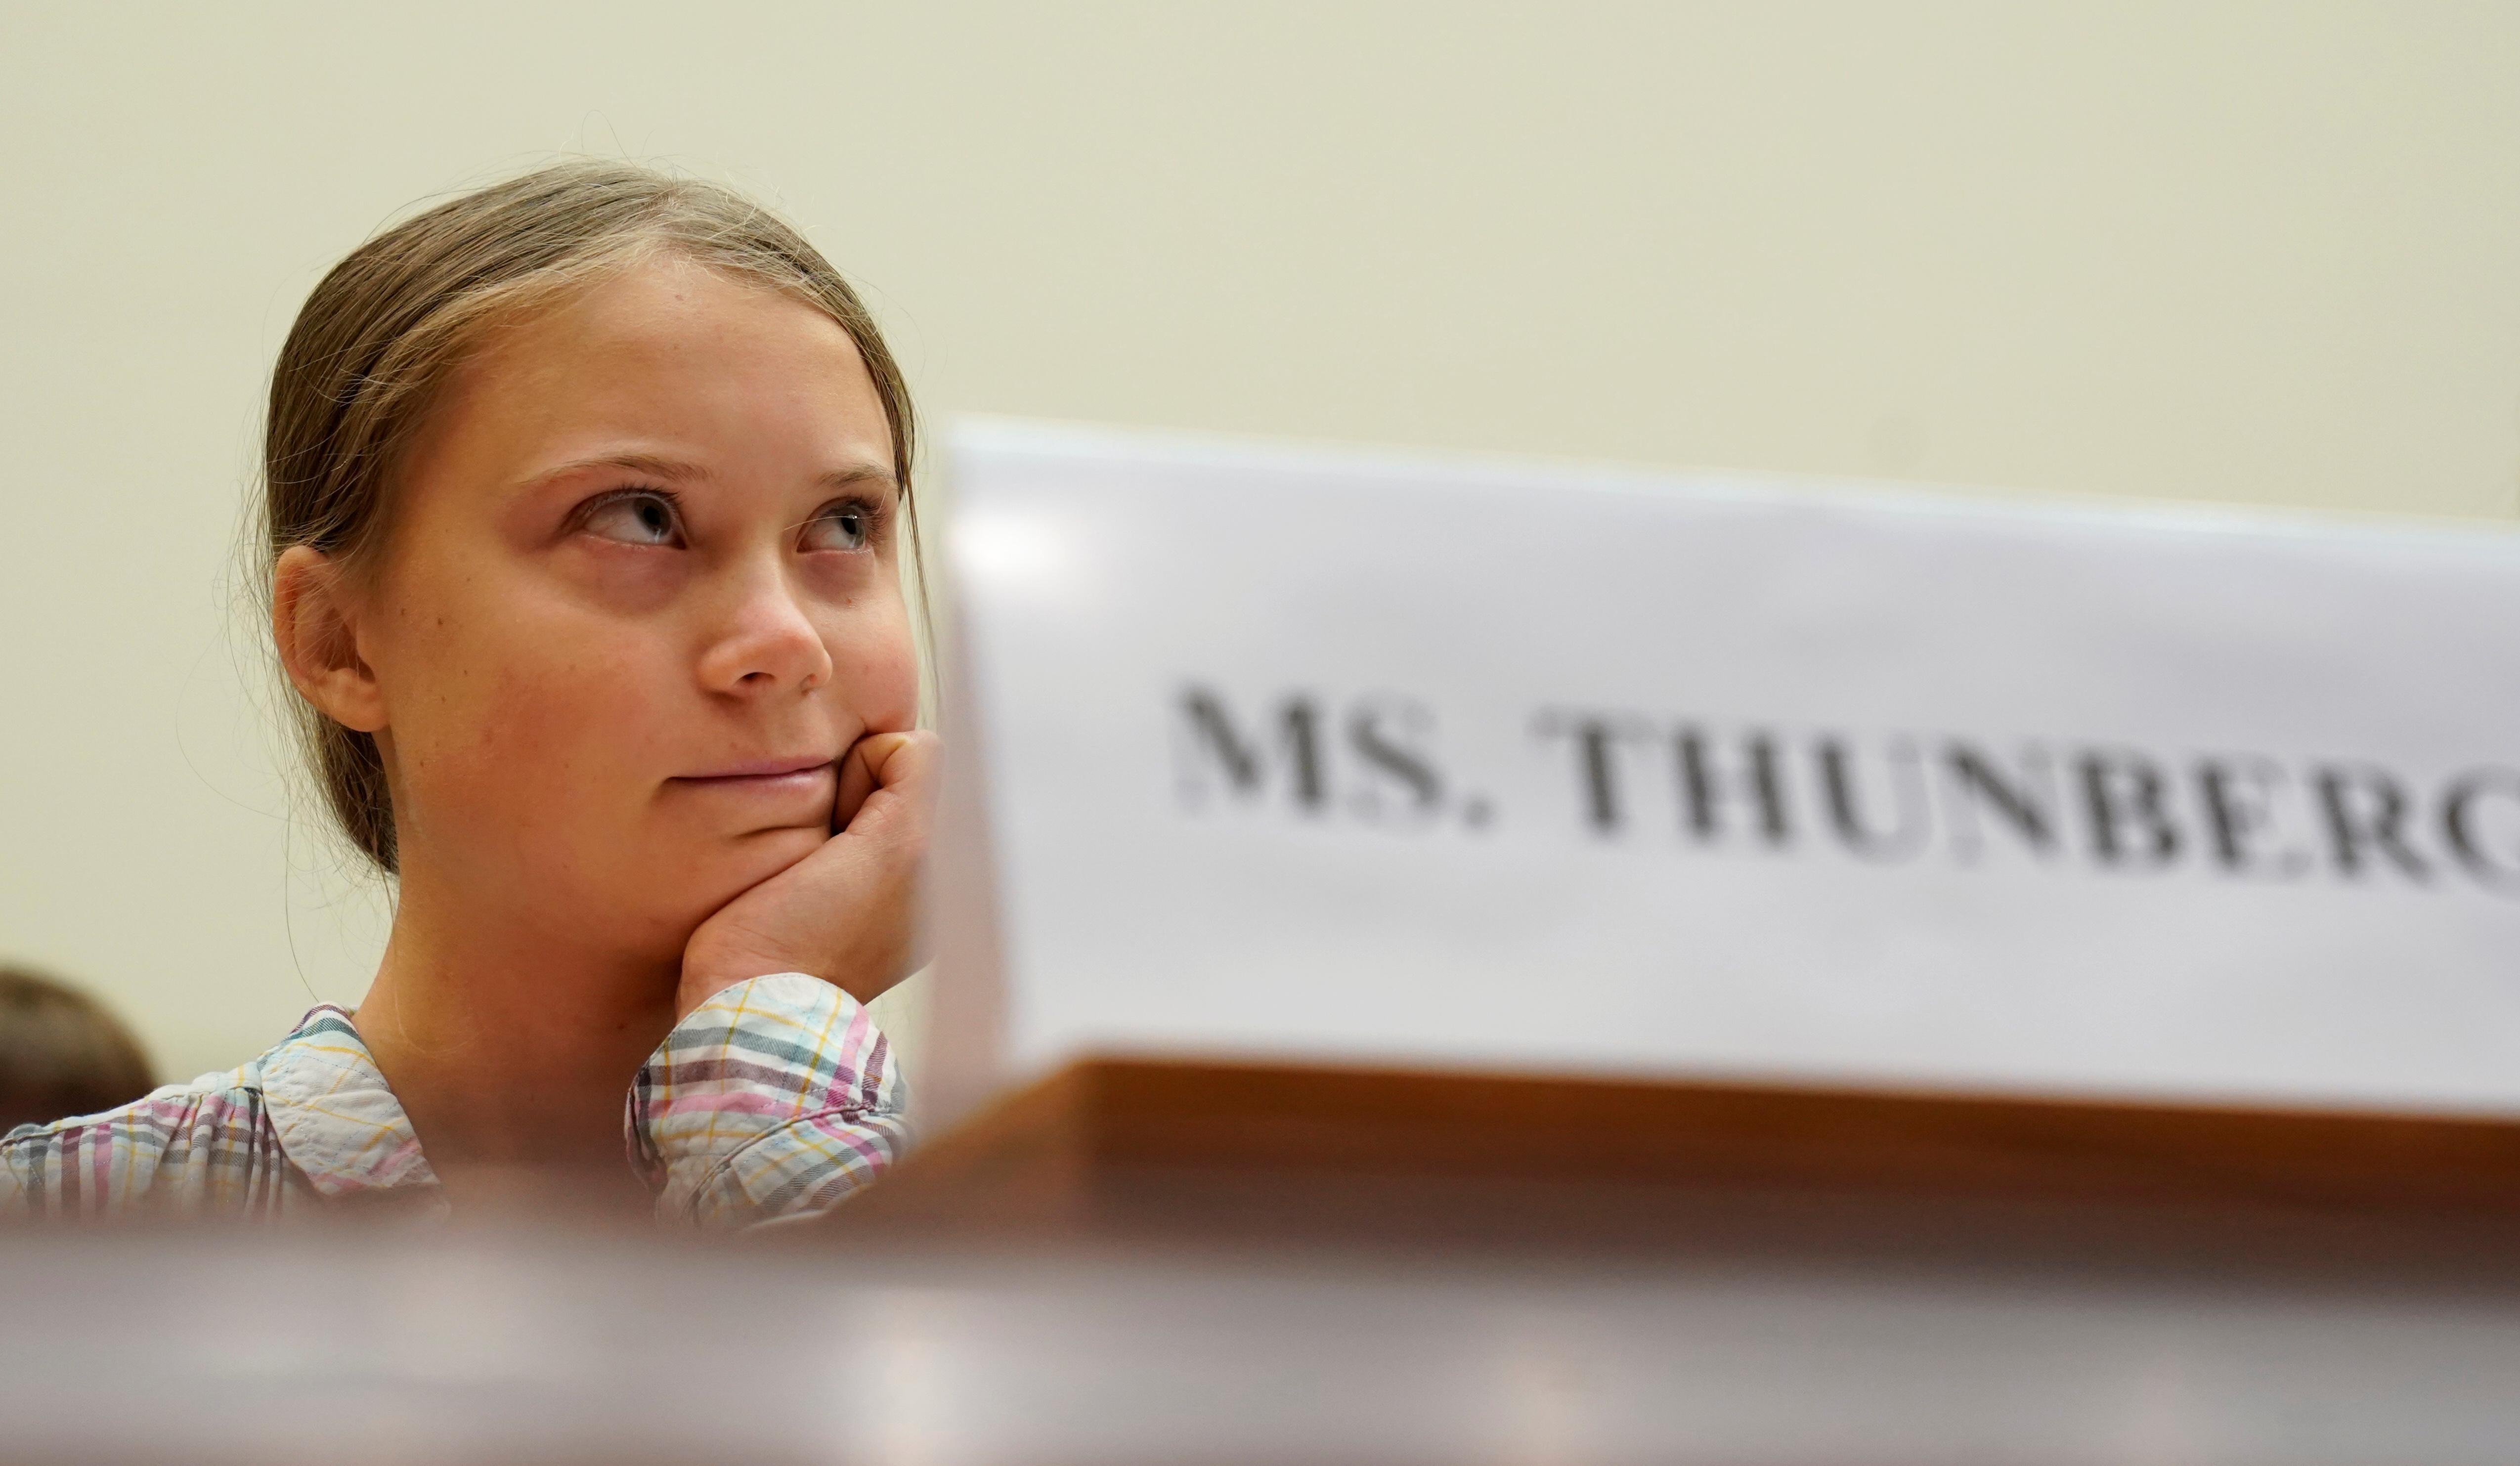 Greta Thunberg au Congrès: «Ne m'écoutez pas. Écoutez les scientifiques